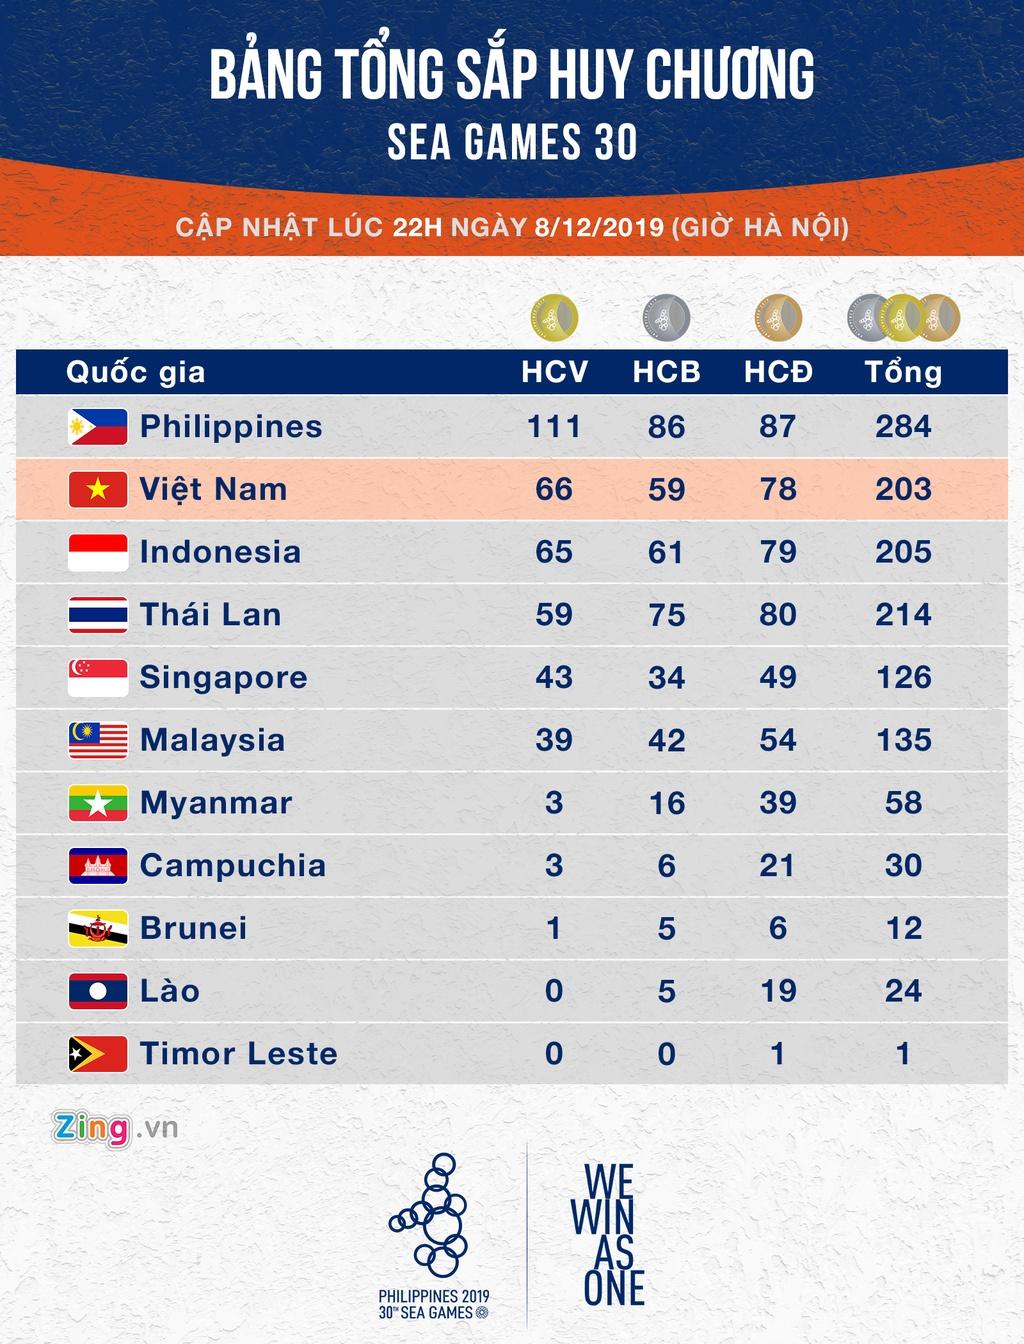 Bang tong sap huy chuong SEA Games 30: Viet Nam vuot Indonesia hinh anh 1